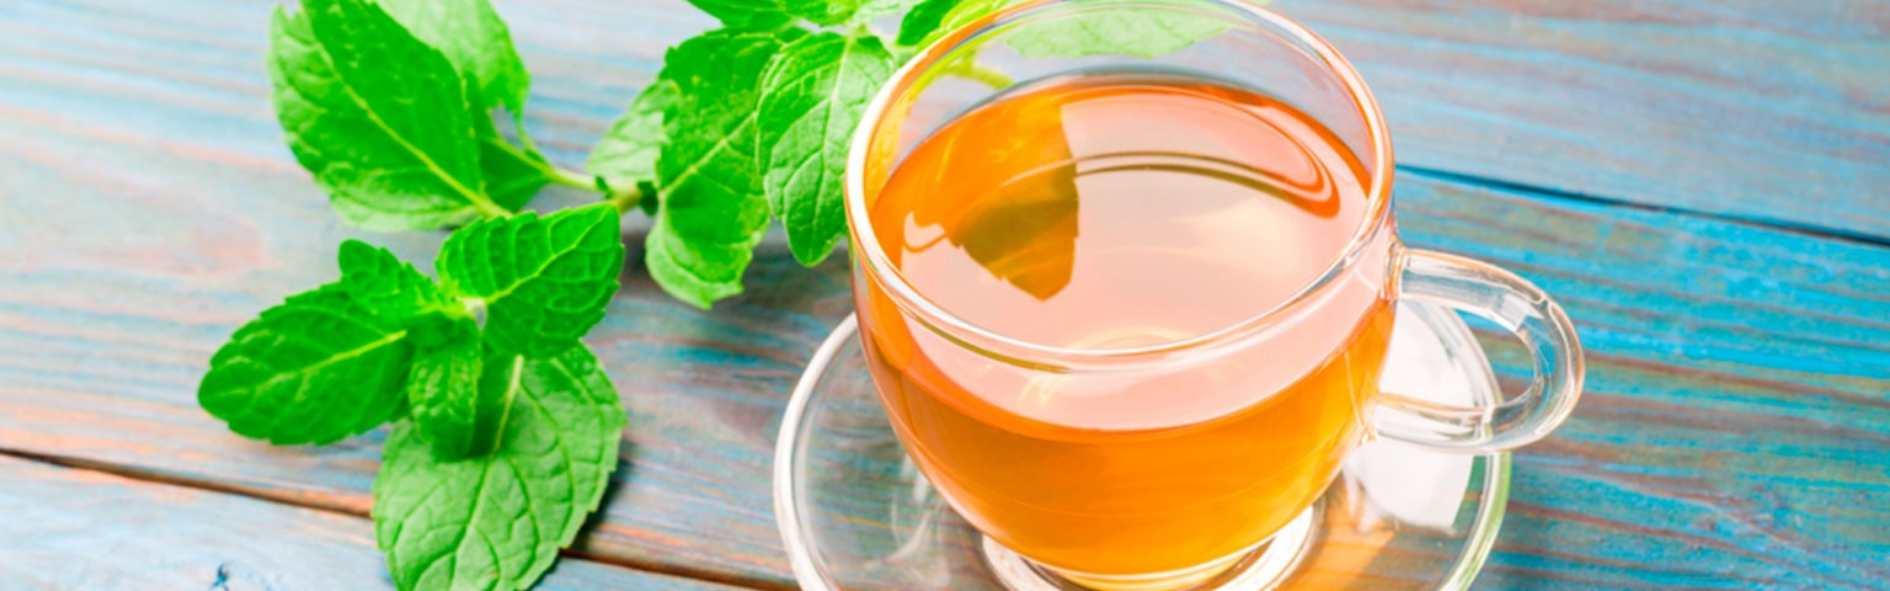 El té digestivo, ideal para prevenir las digestiones pesadas durante las fiestas navideñas